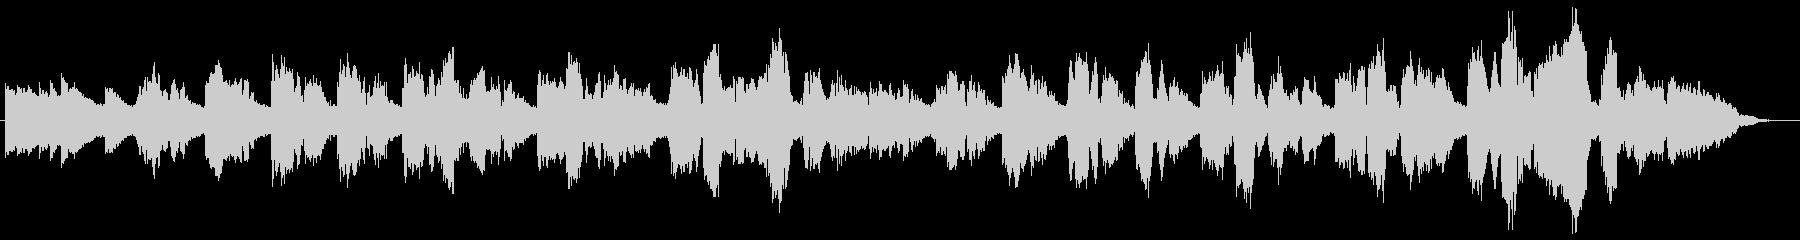 ソプラノコーラスによる清らかな歌声の未再生の波形